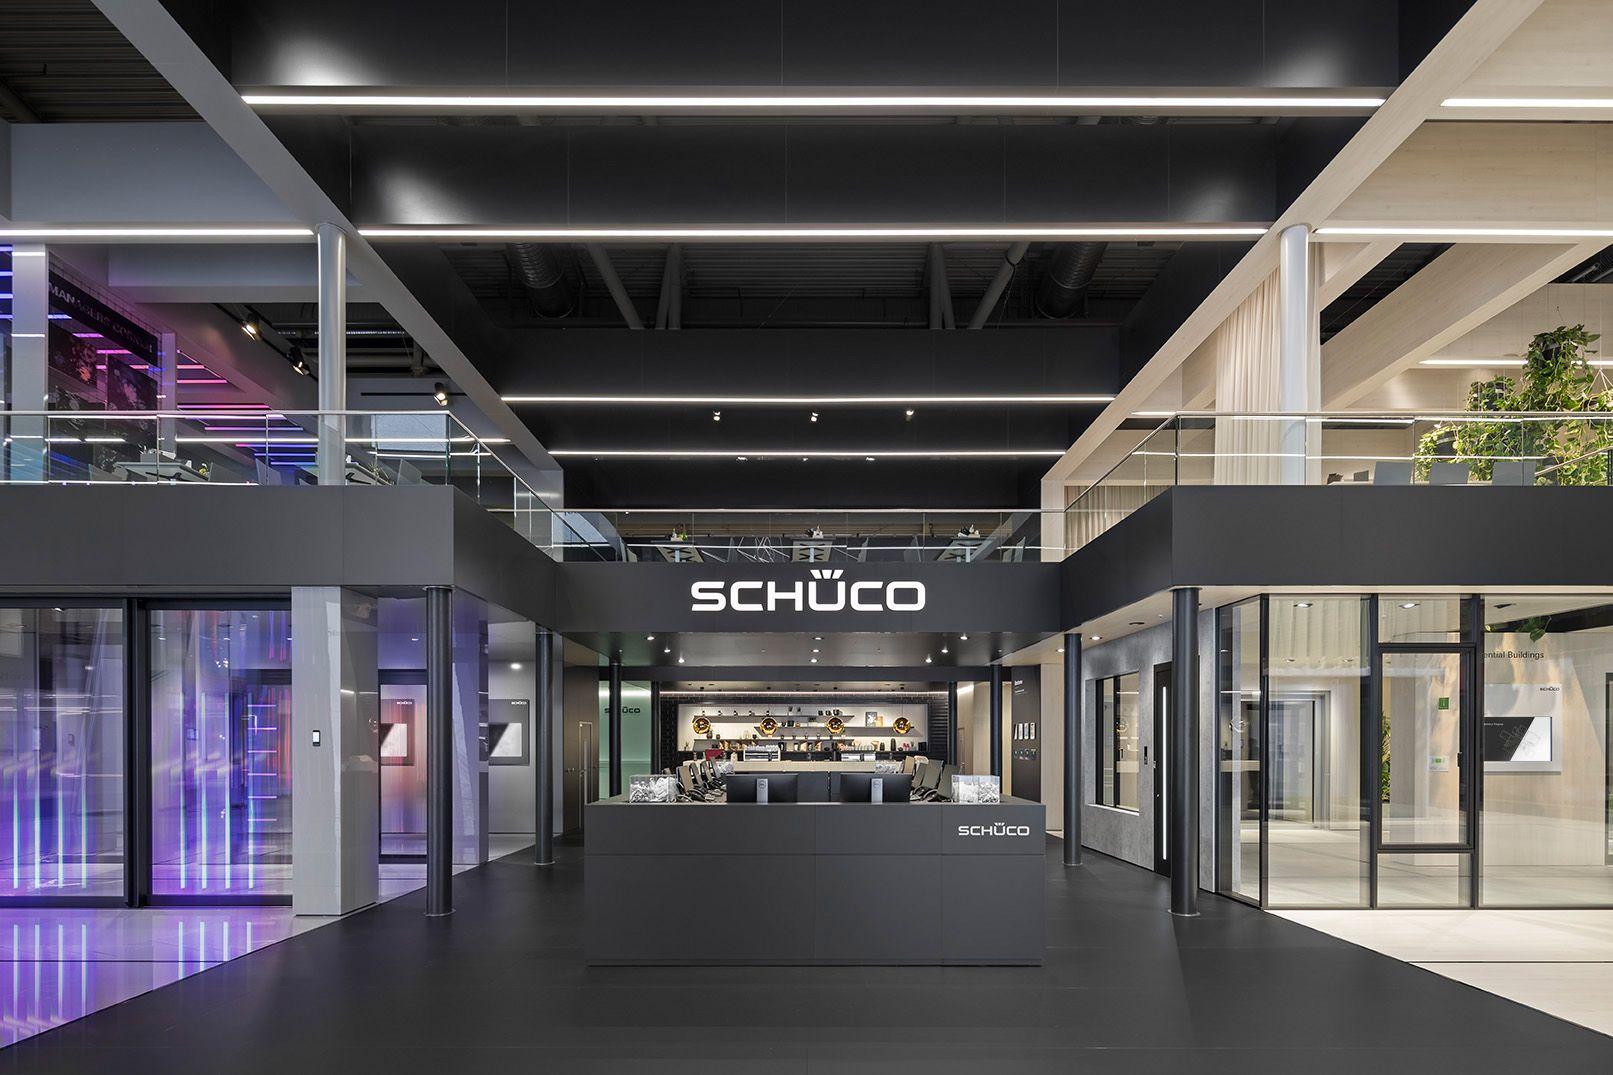 Schuco Bau 2019 By Dart Design Gruppe Bau Lichtinstallation Messe Fotografie